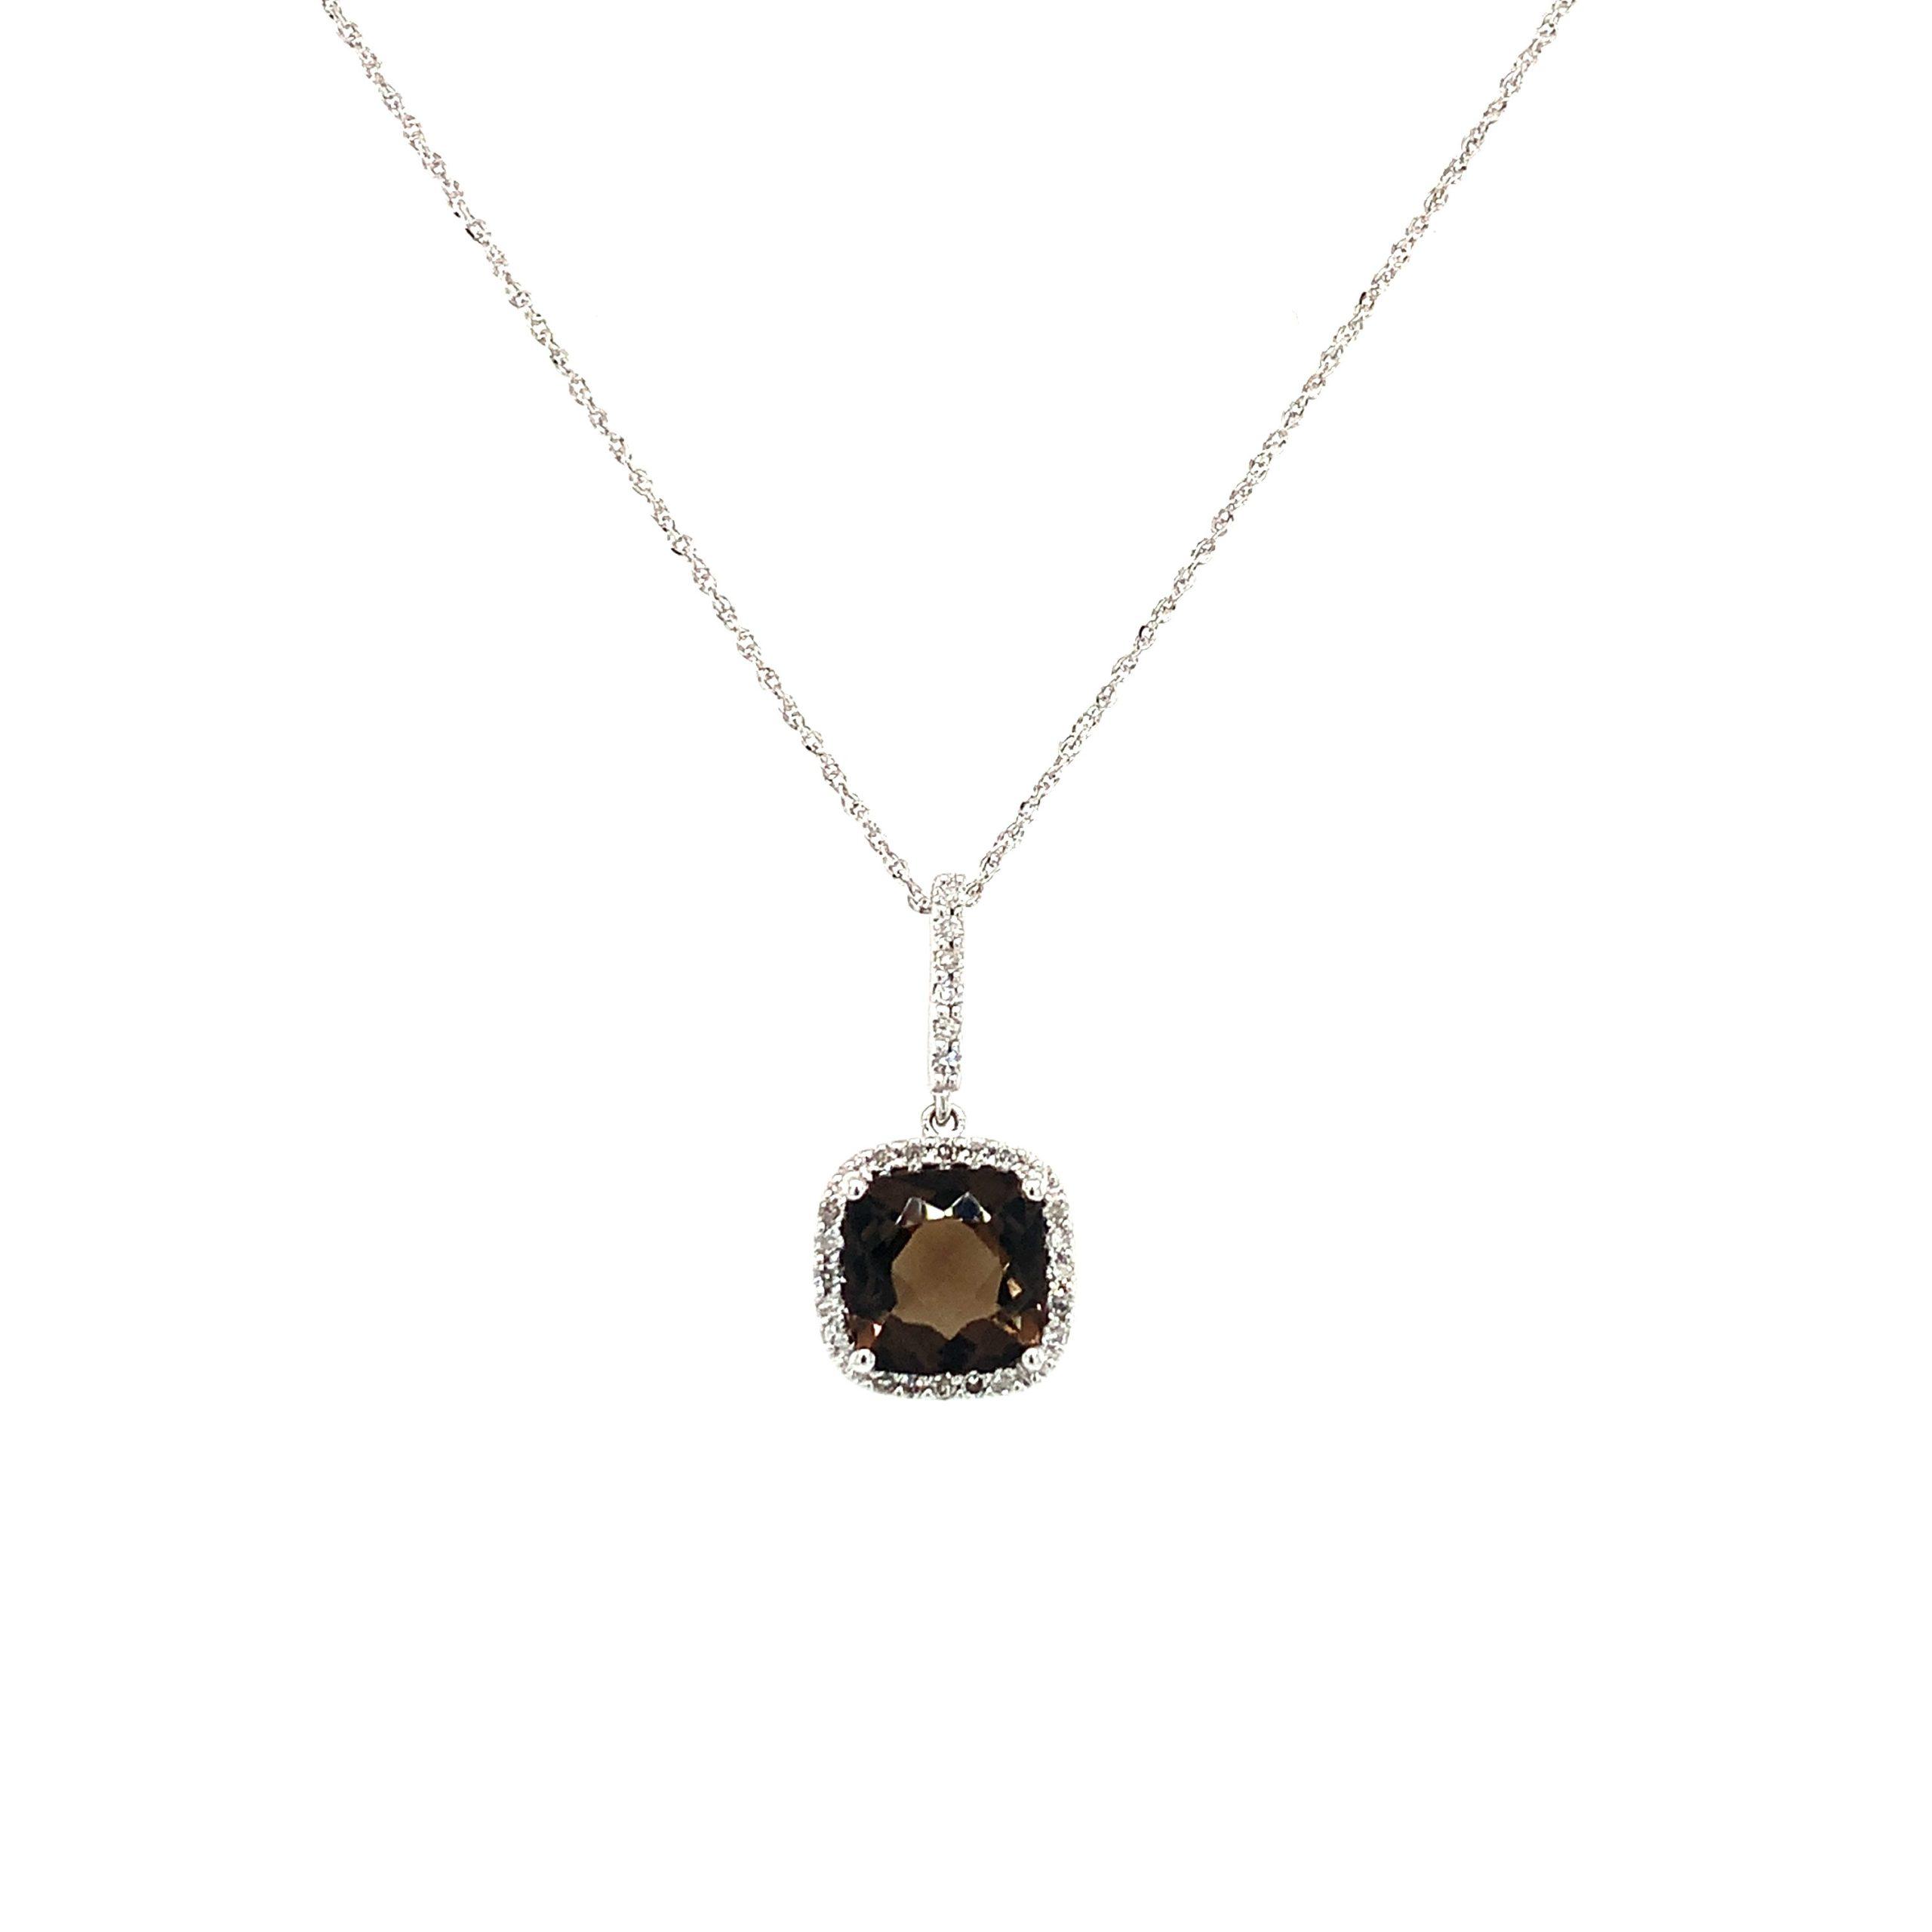 White Gold Smoky Quartz Necklace